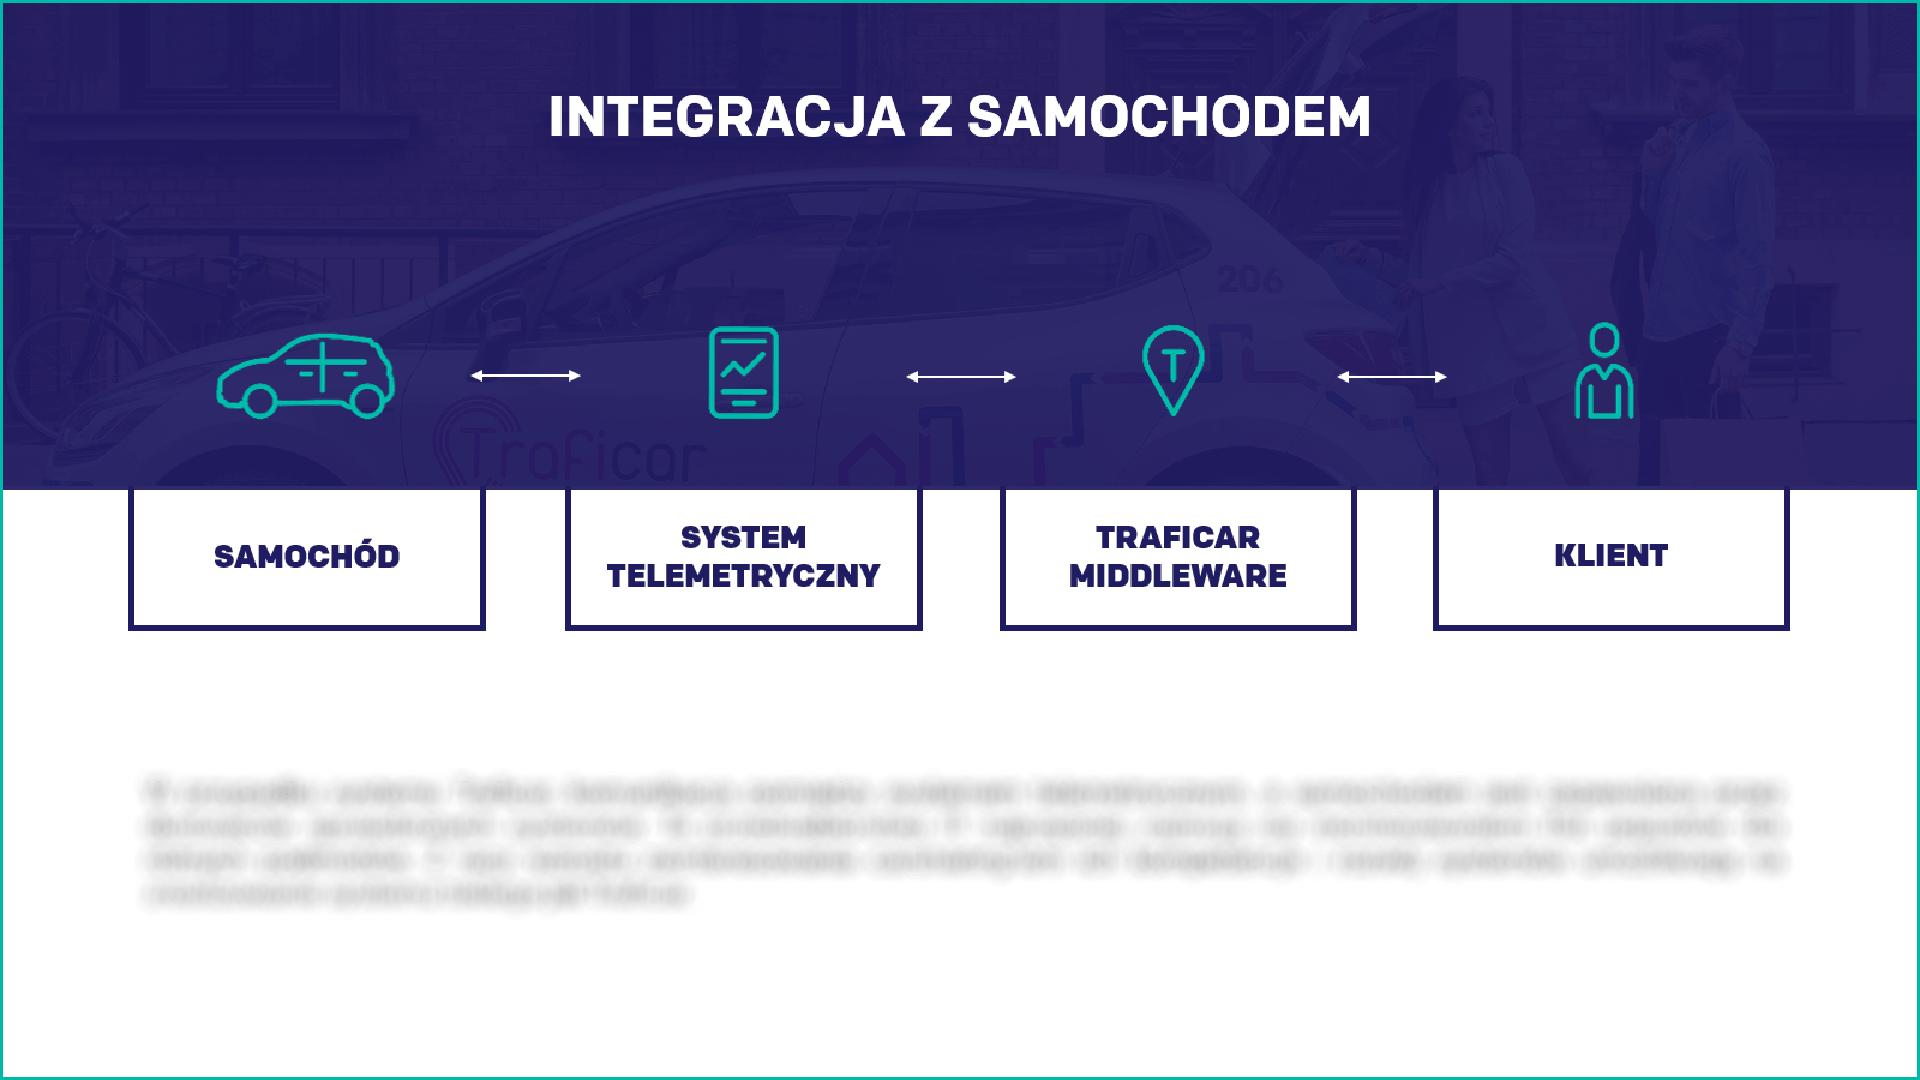 Prezstudio_Traficar_po1